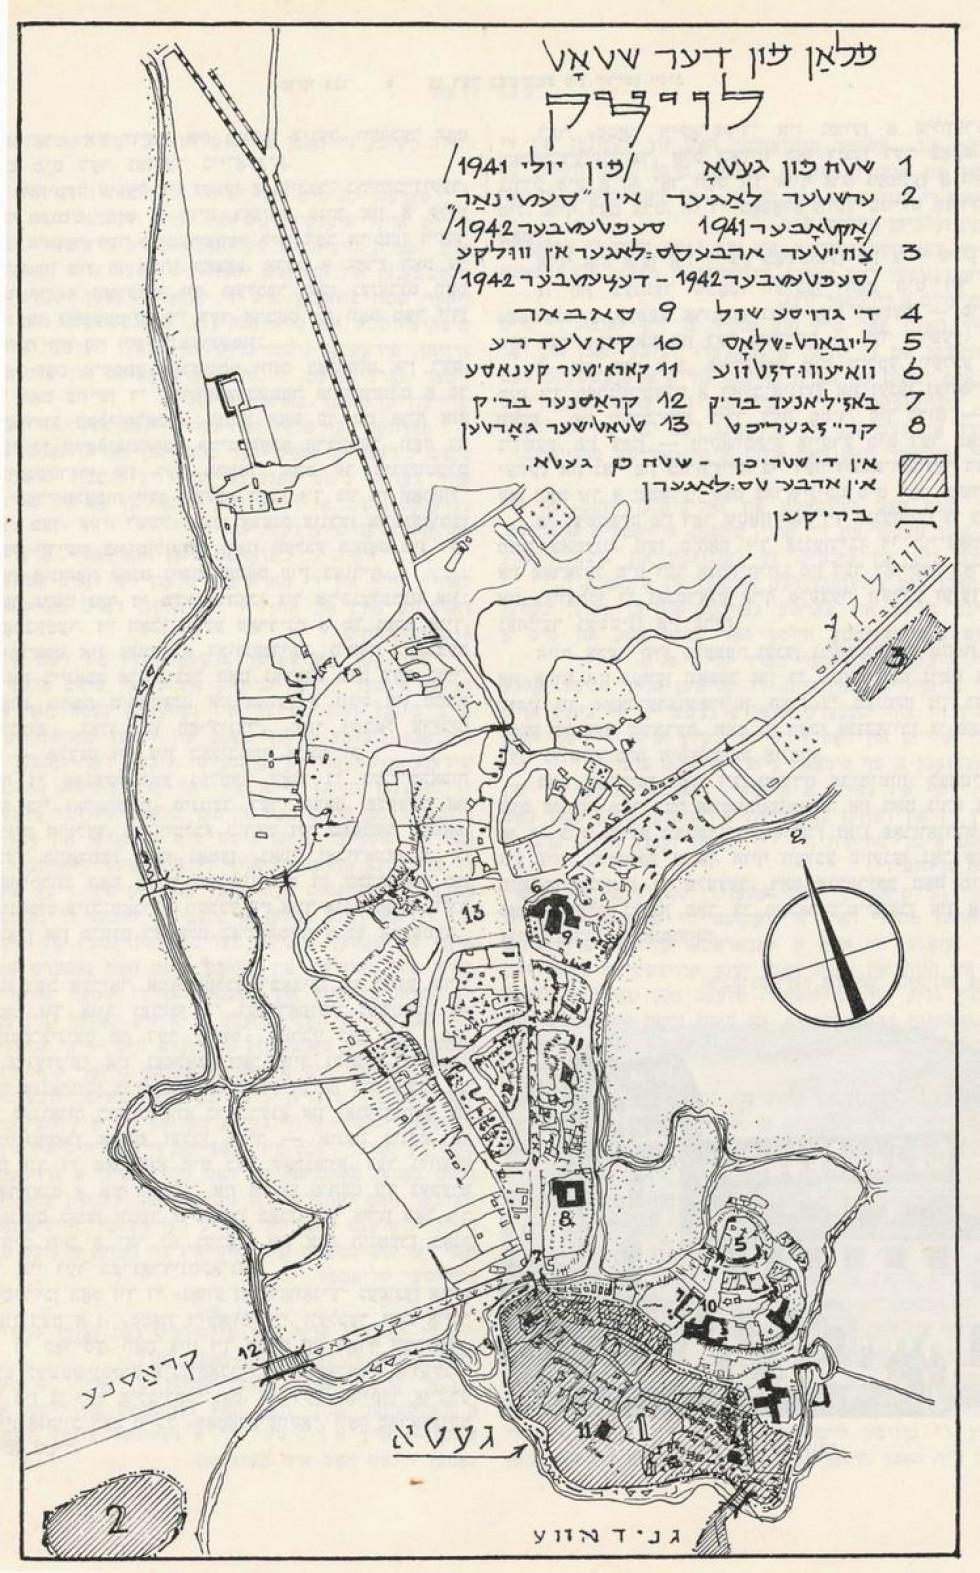 Єврейське гетто (три зони) в Луцьку часів Другої світової війни: 1) в нинішній частині старого міста; 2) на Красному;  3) на проспекті Волі (нині це Луцький педагогічний коледж)